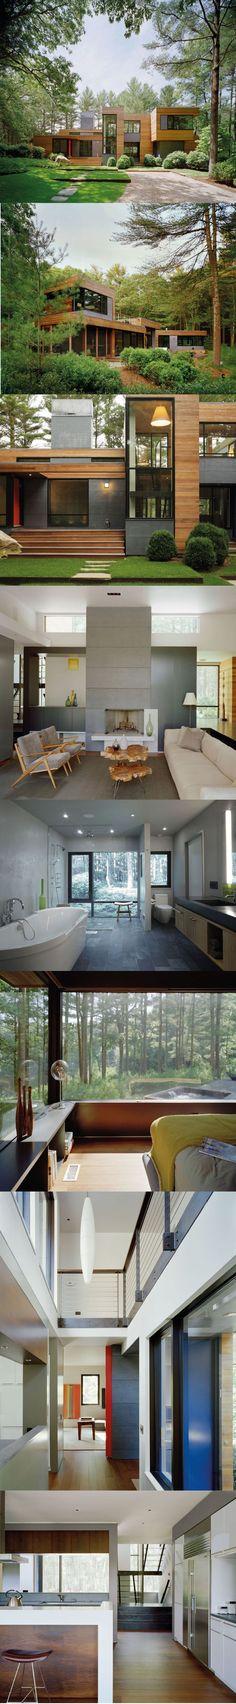 Casa de banho com janelas grande, omissão de sanita Exterior rodeado por verde